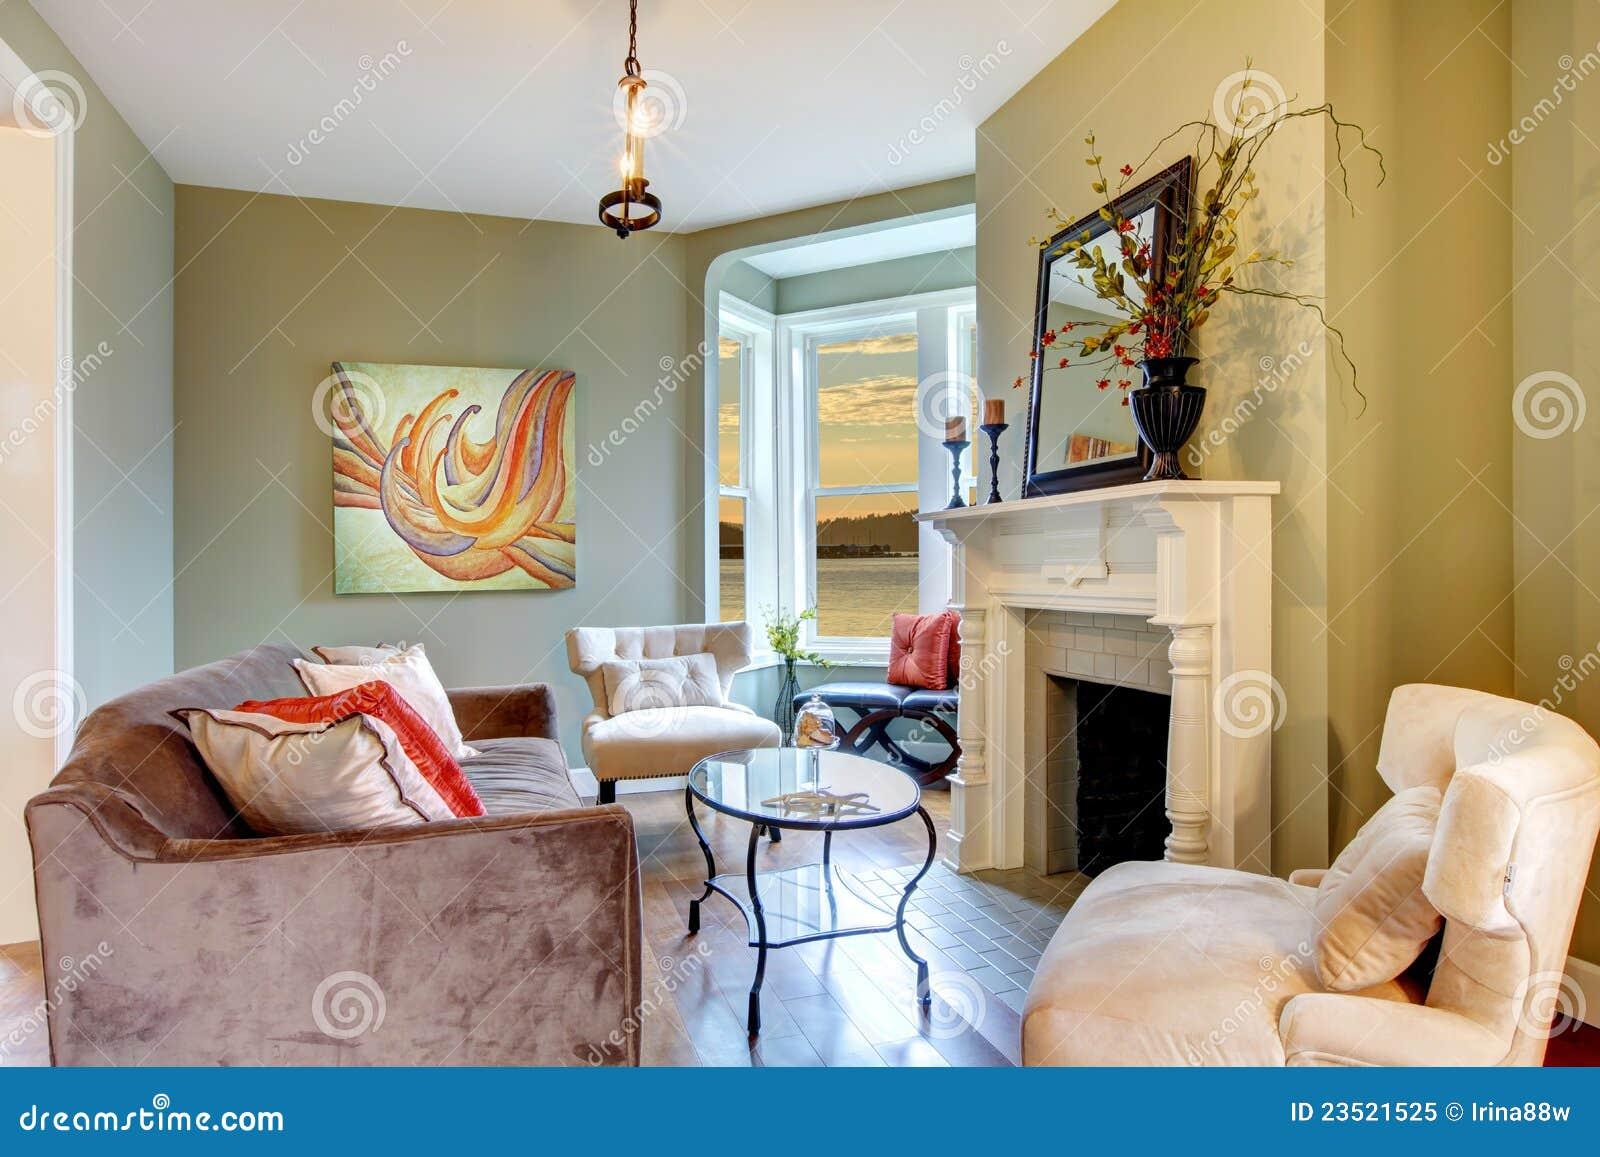 Openhaard In Woonkamer : Elegante groene woonkamer met open haard. stock afbeelding